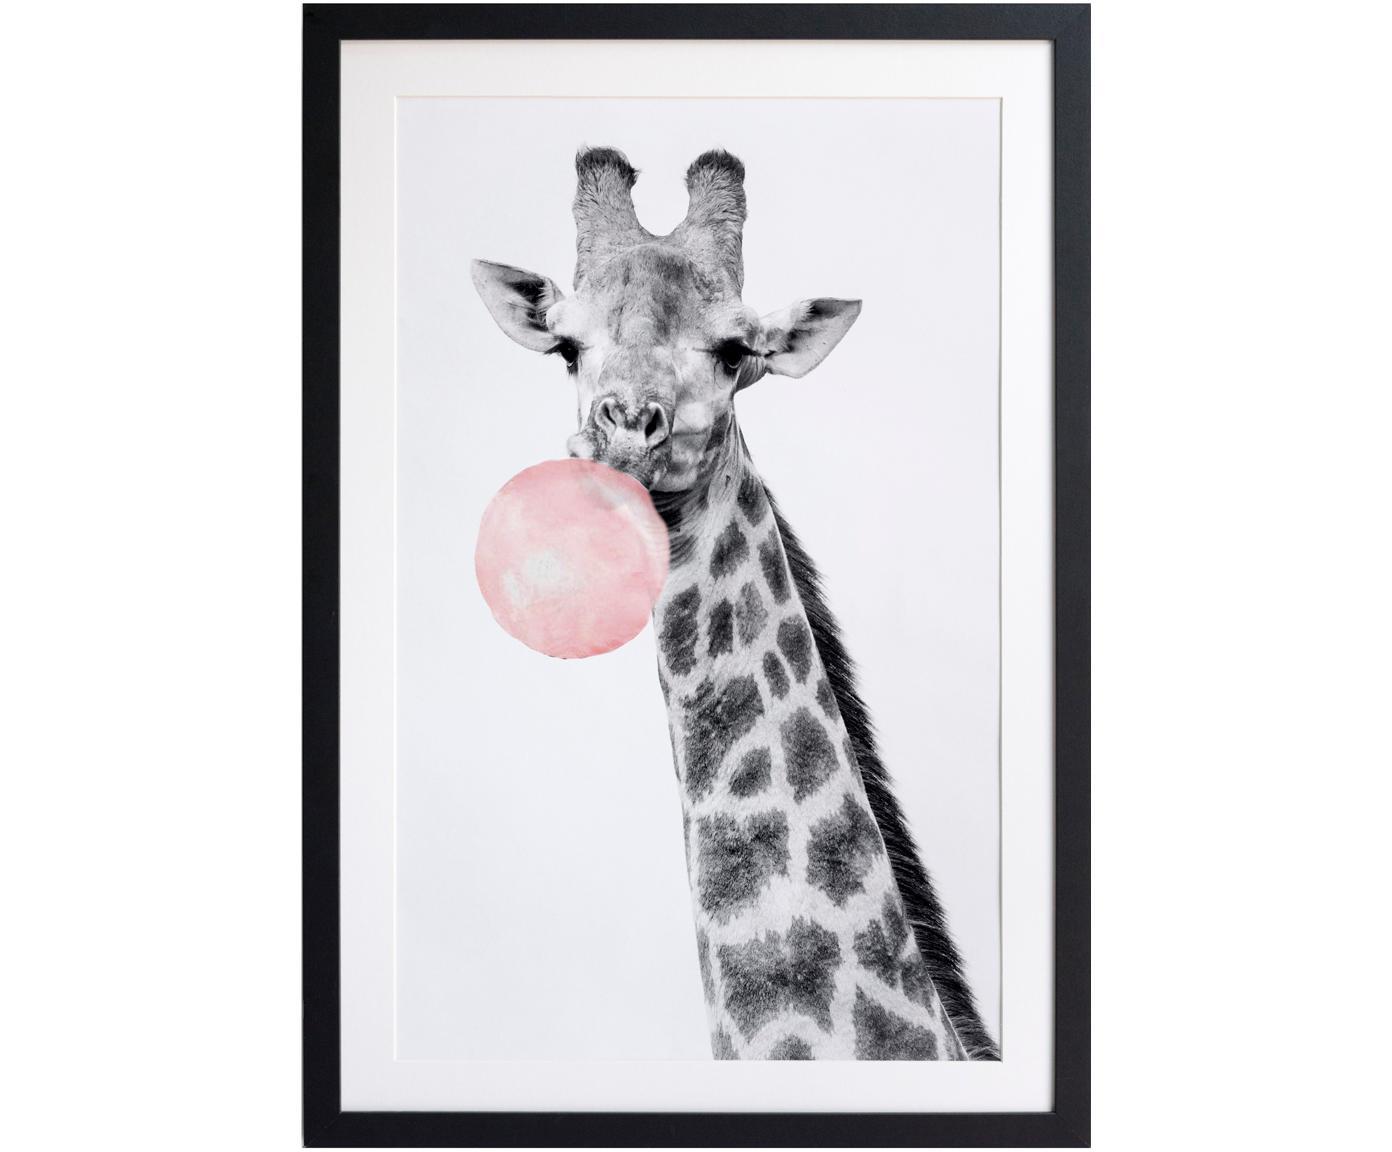 Gerahmter Digitaldruck Giraffe, Bild: Digitaldruck auf Papier, Rahmen: Holz, lackiert, Front: Kunststoff, matt, Schwarz, Weiß, Rosa, 40 x 60 cm